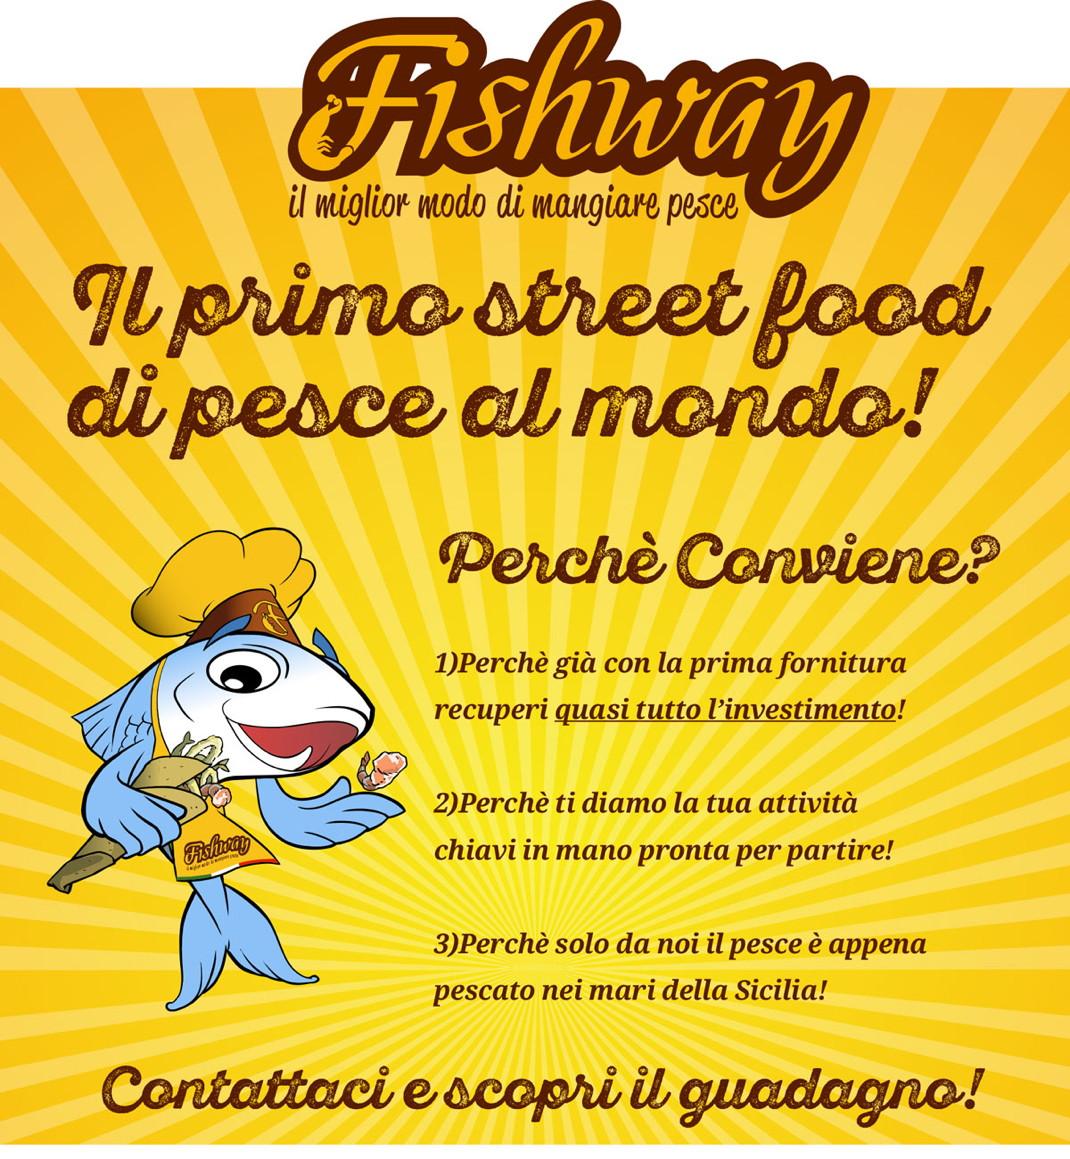 Franchising Fishway